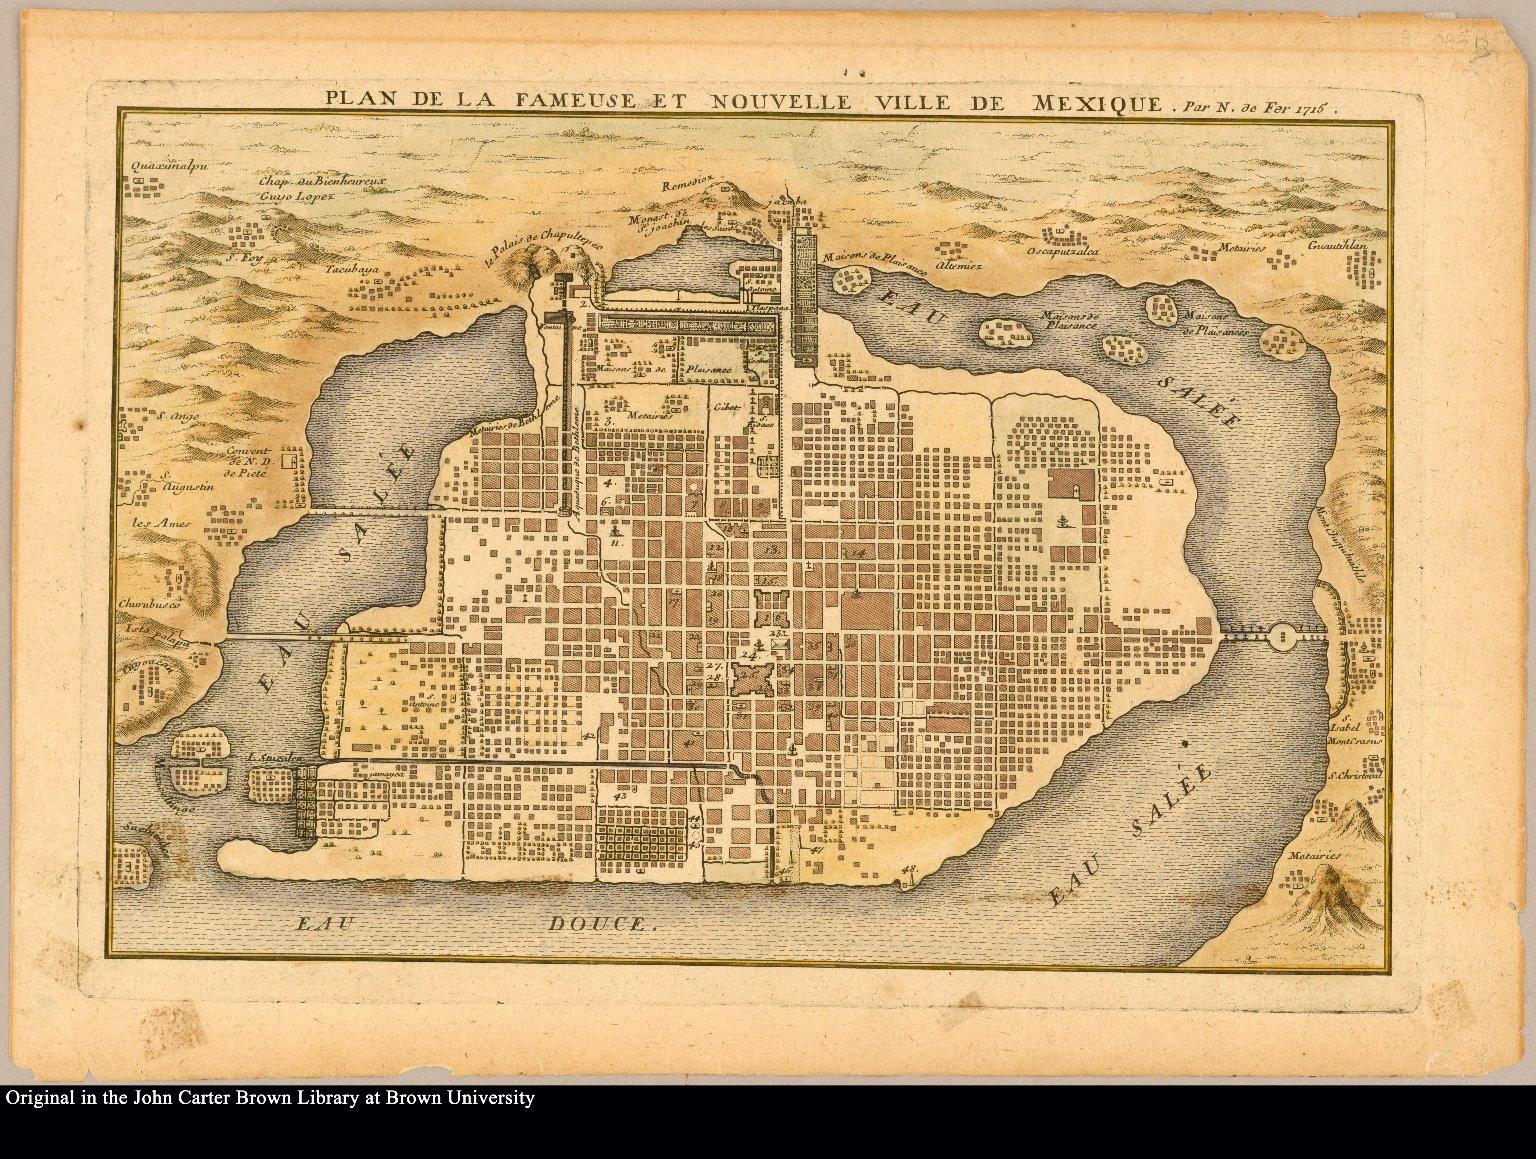 Plan de la fameuse et nouvelle ville de Mexique par N. de Fer 1715